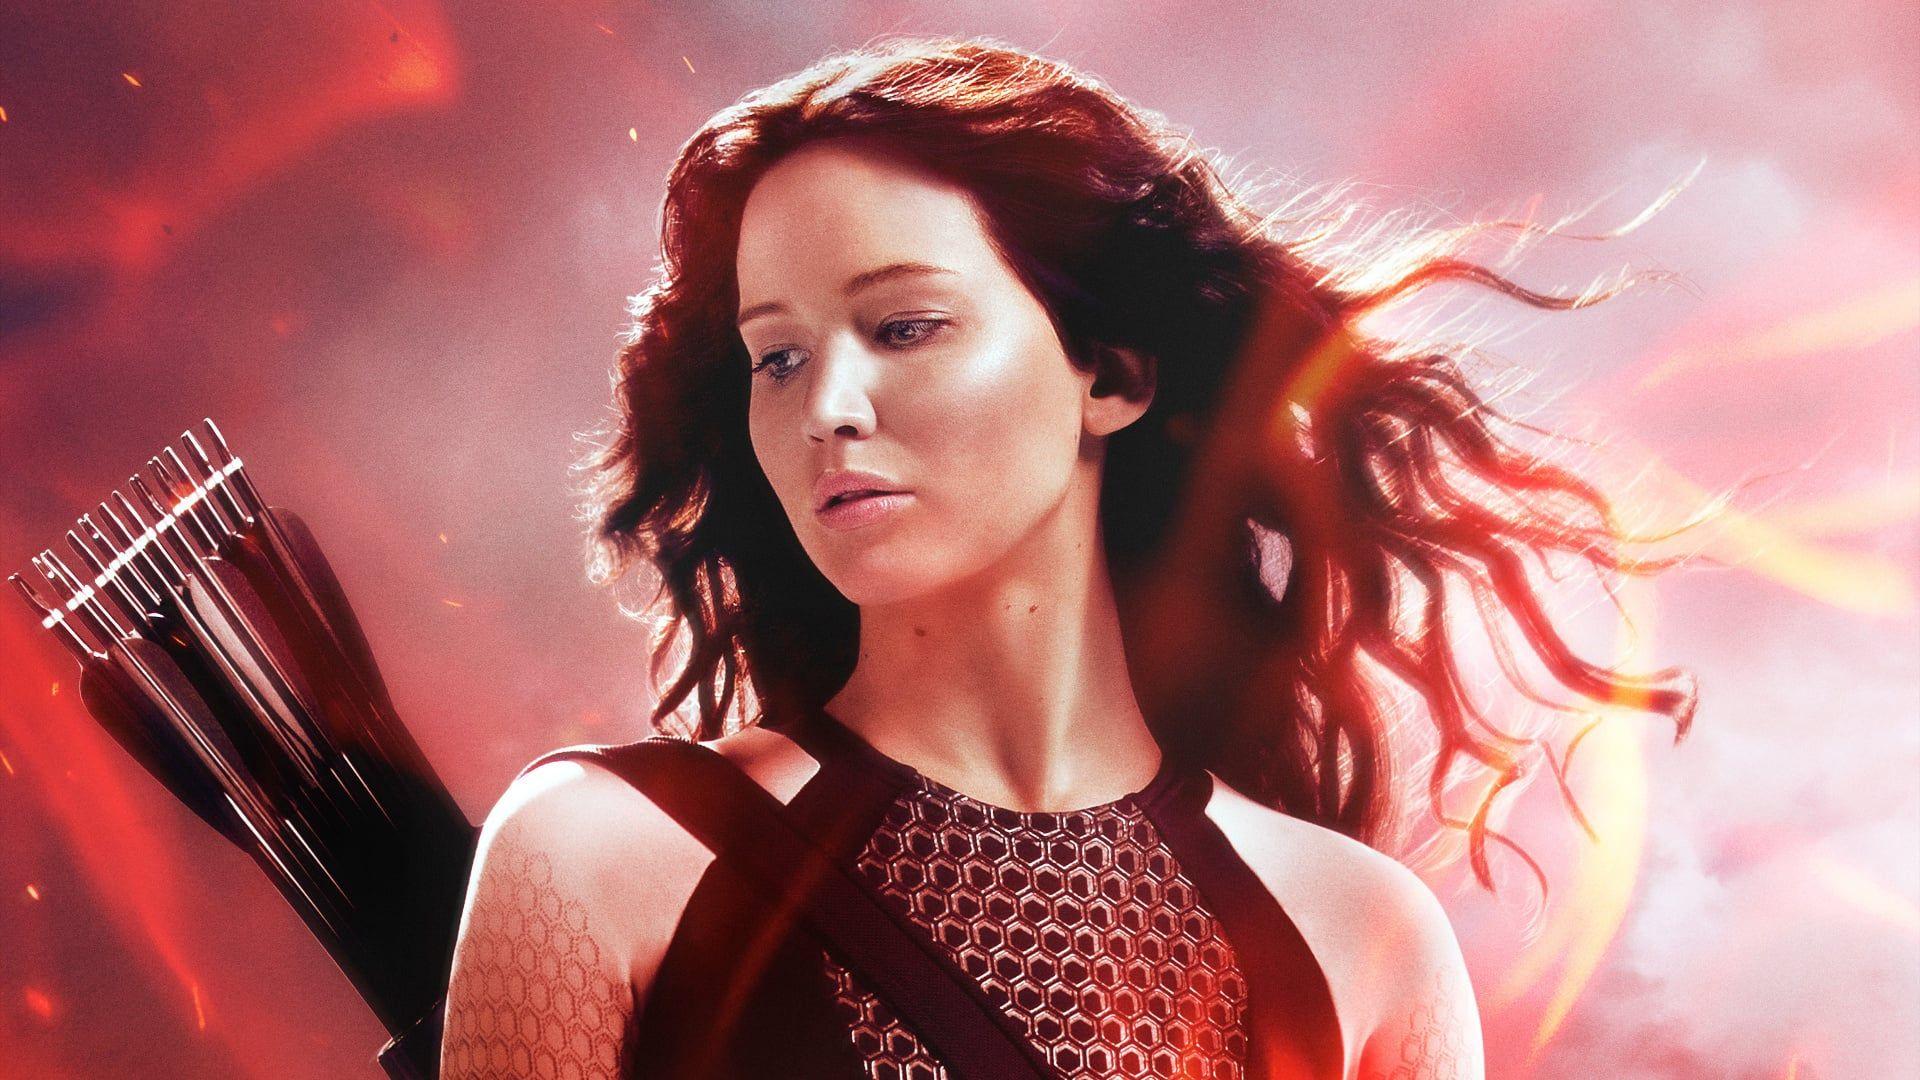 Die Tribute Von Panem Catching Fire 2013 Ganzer Film Stream Deutsch Komplett Online Die Tribute Von Panem Hunger Games Movies Catching Fire Hunger Games